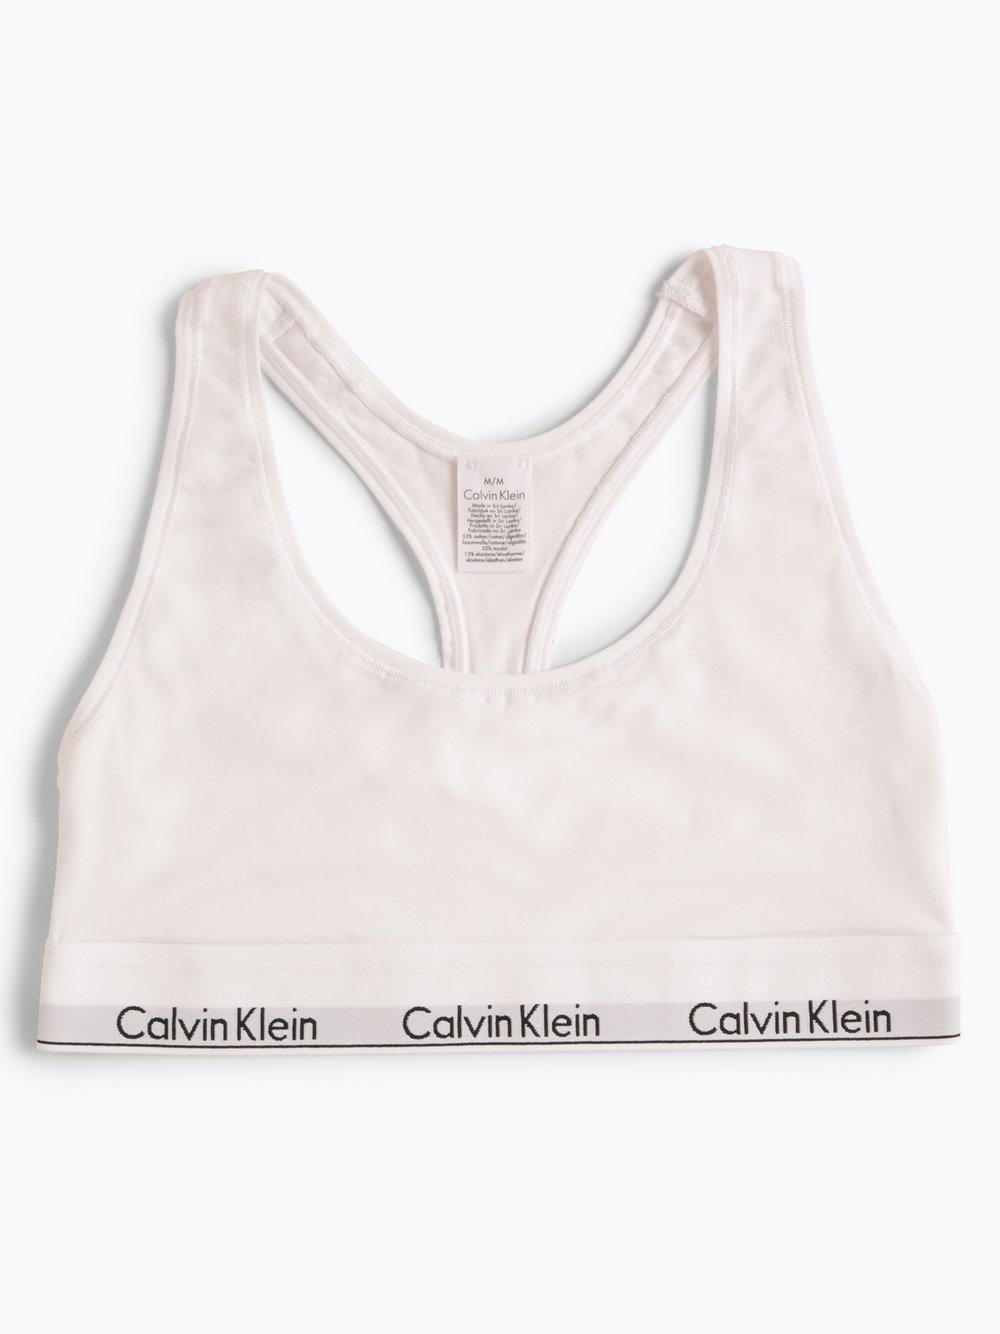 Calvin Klein - Gorset damski, biały